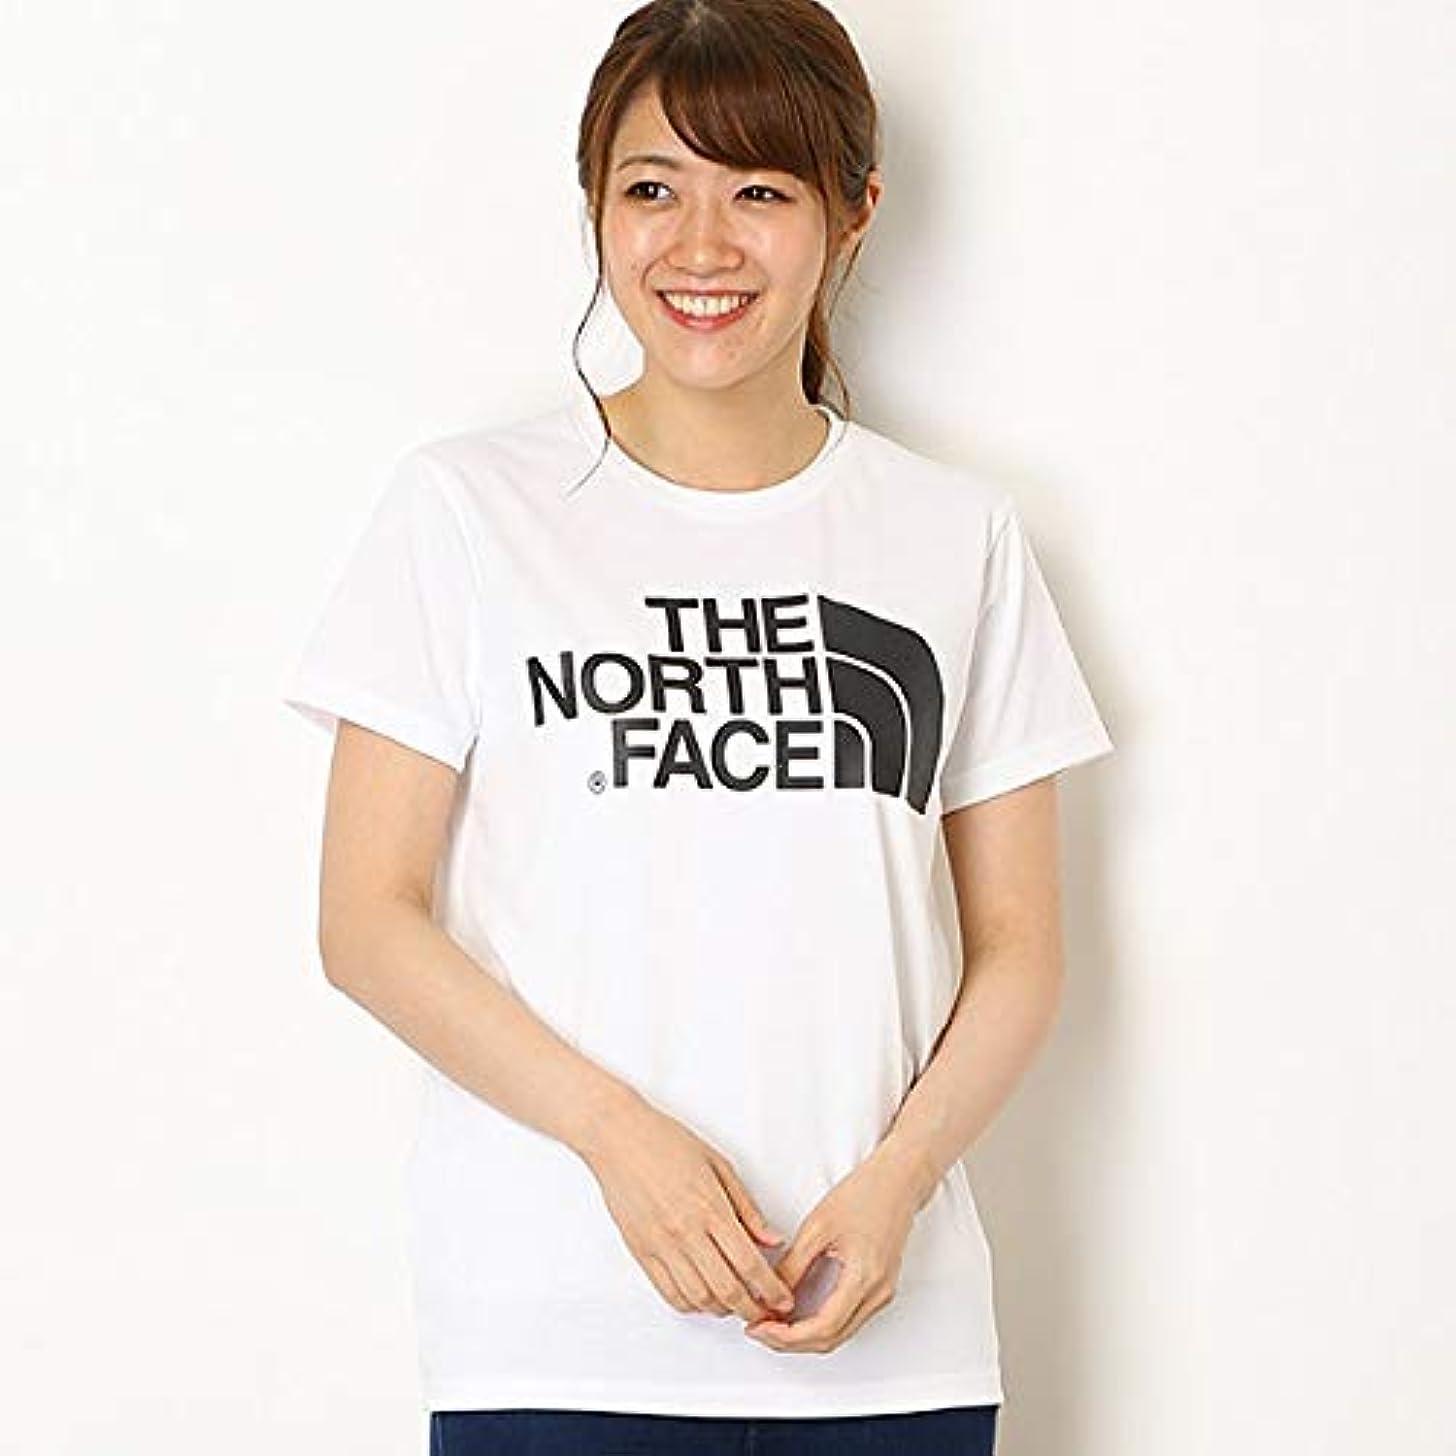 上院利用可能なるザ?ノース?フェイス(THE NORTH FACE) 【THE NORTH FACE】Tシャツ(レディース ショートスリーブシンプルロゴティー)